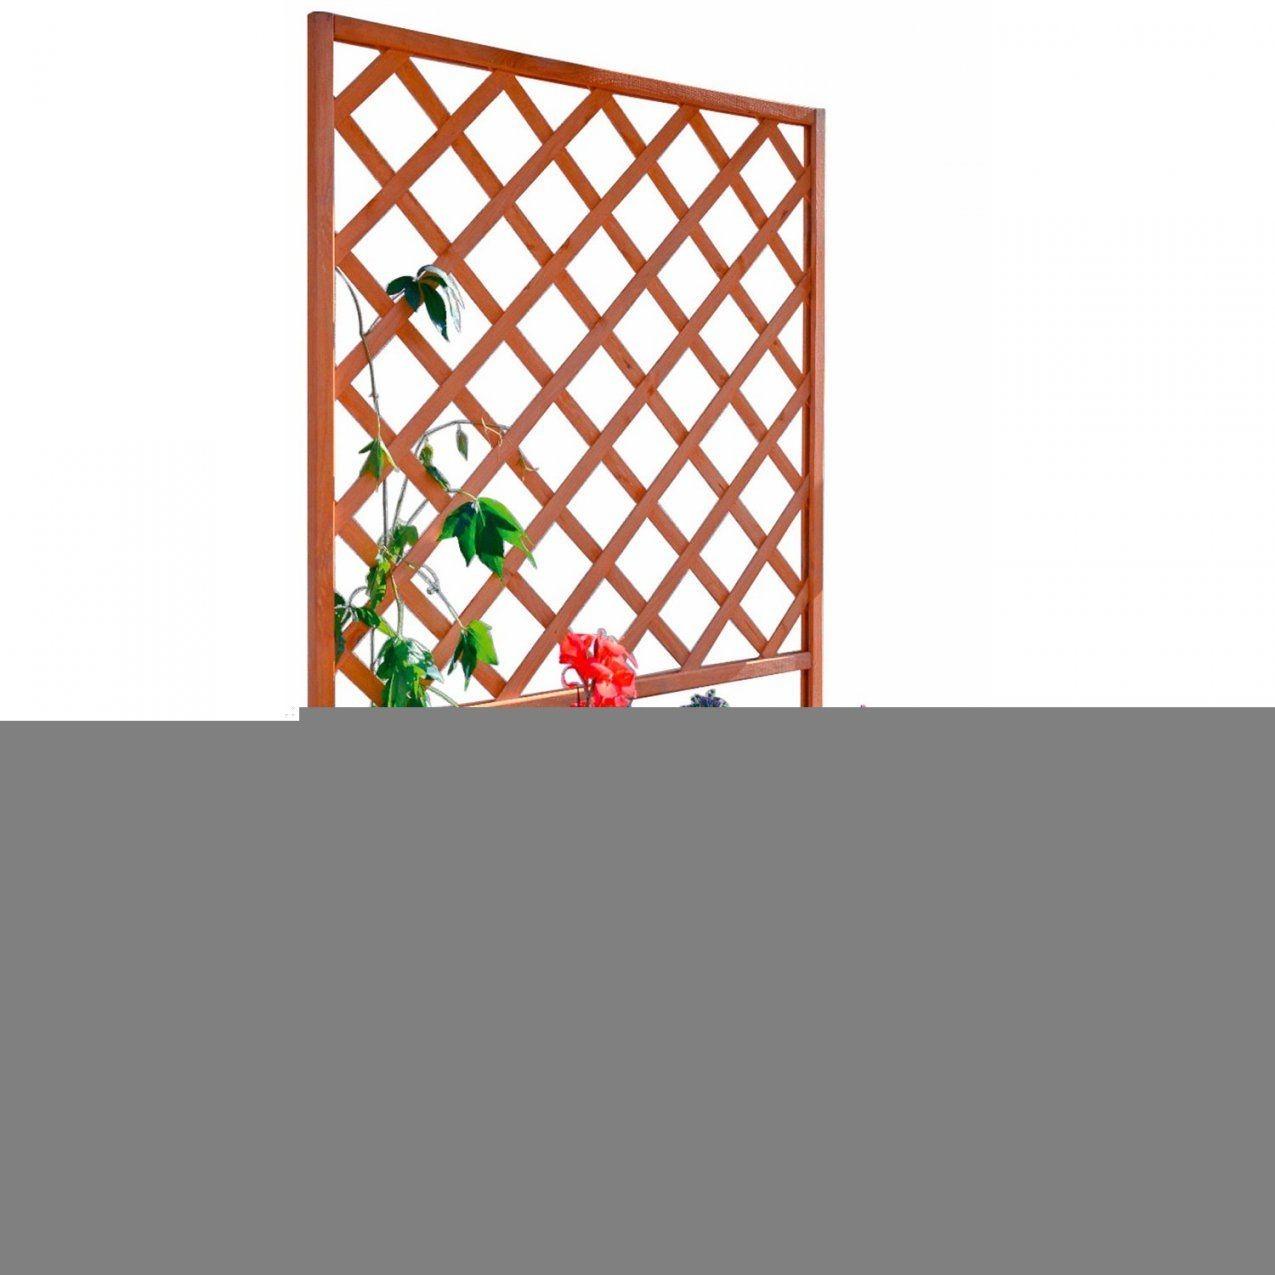 Pflanzkasten Mit Rankgitter Kaufen Bei Obi von Blumenkasten Mit Rankgitter Selber Bauen Bild